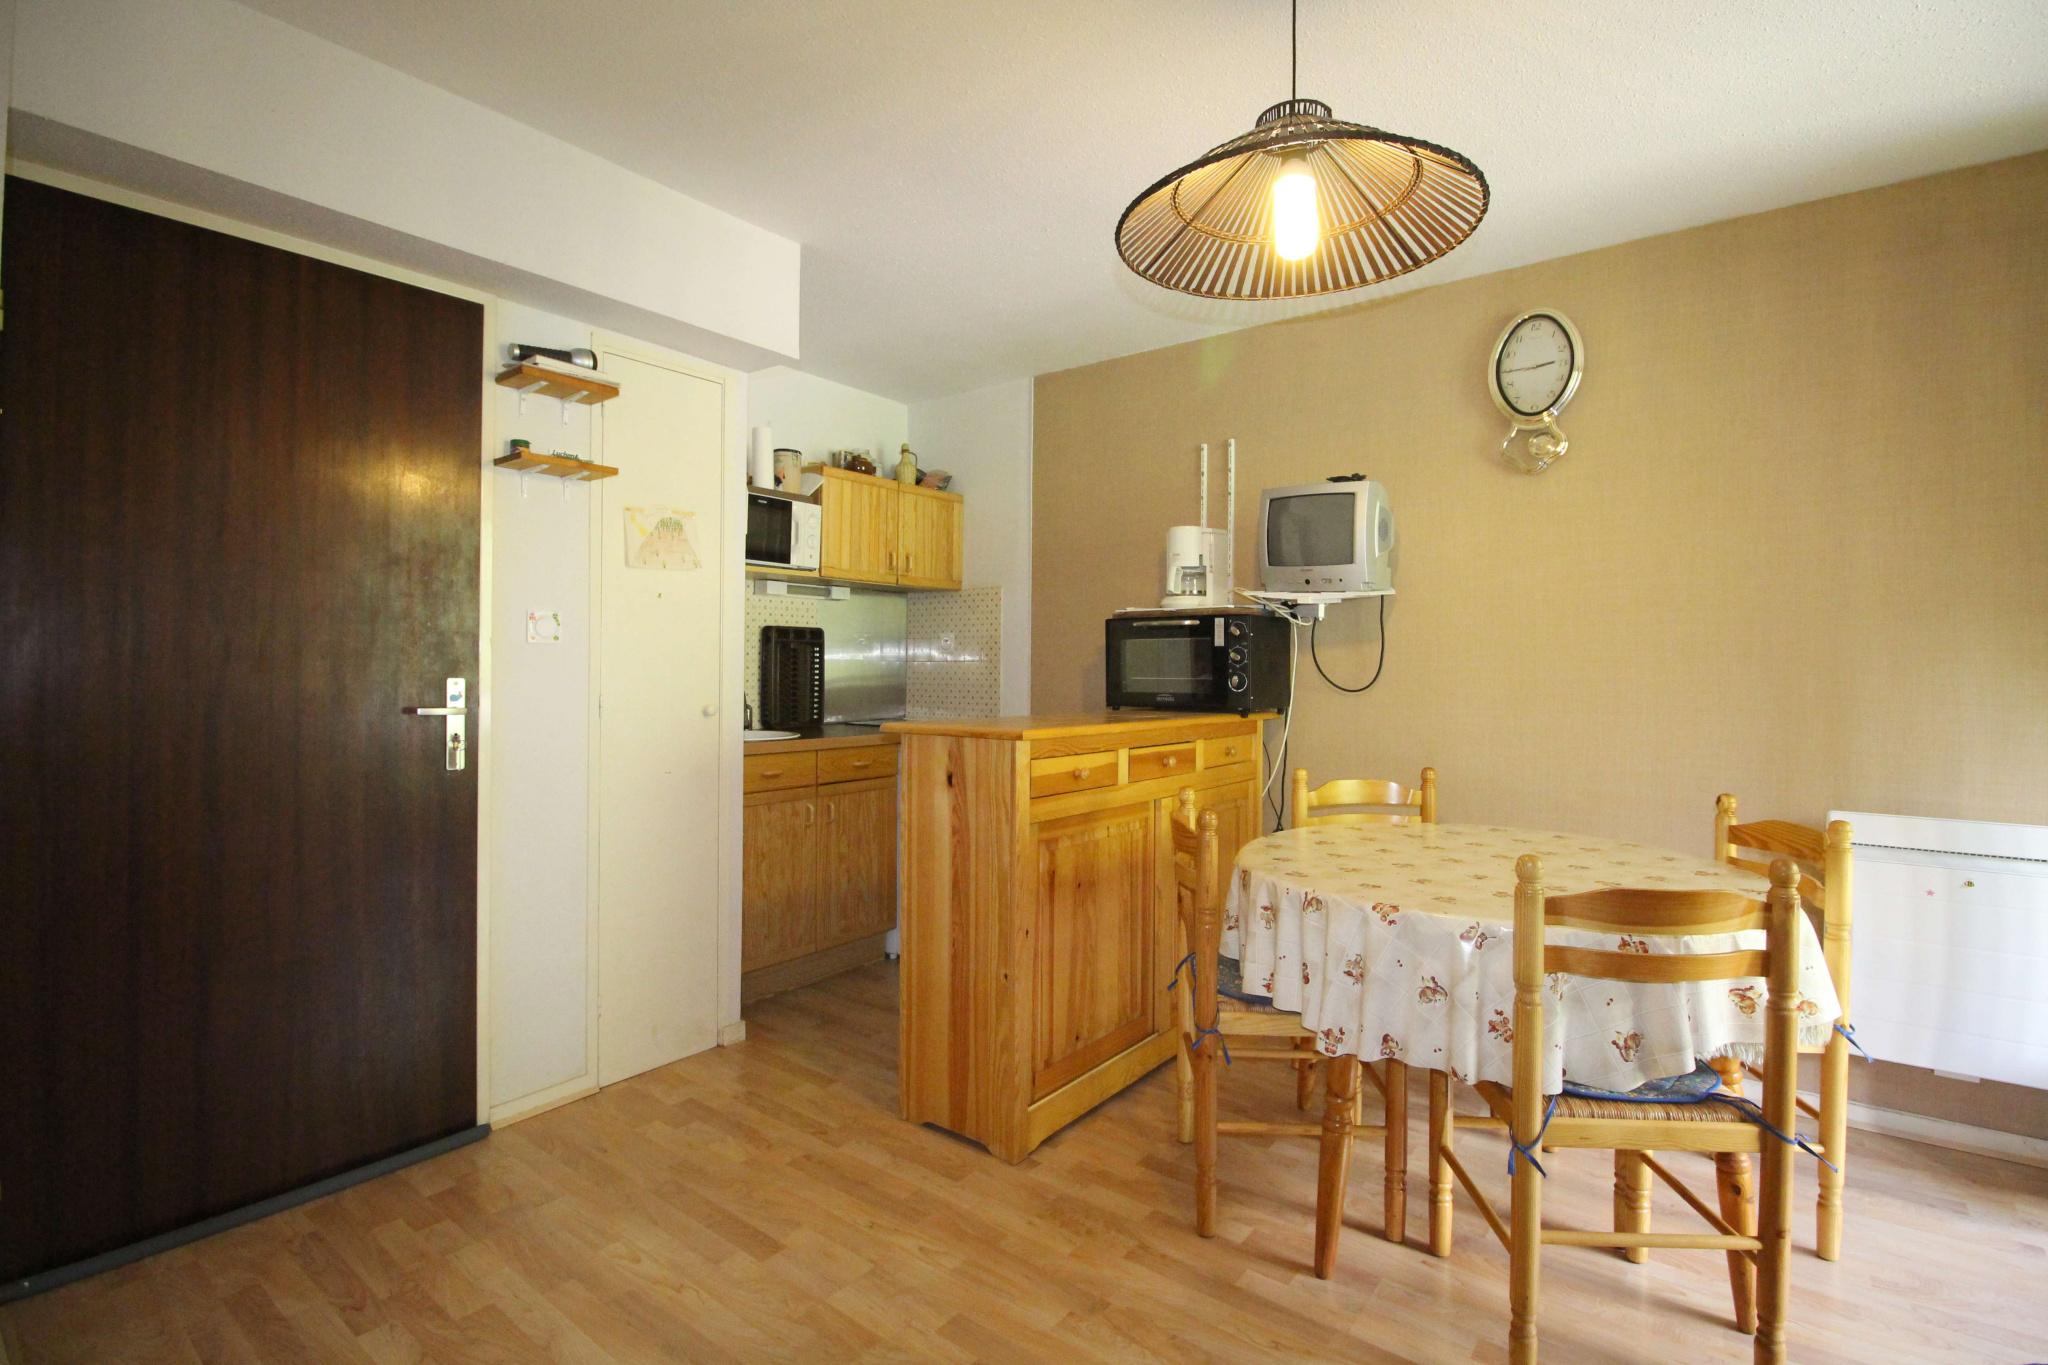 appartement 2 pièce(s) - Proche centre ville